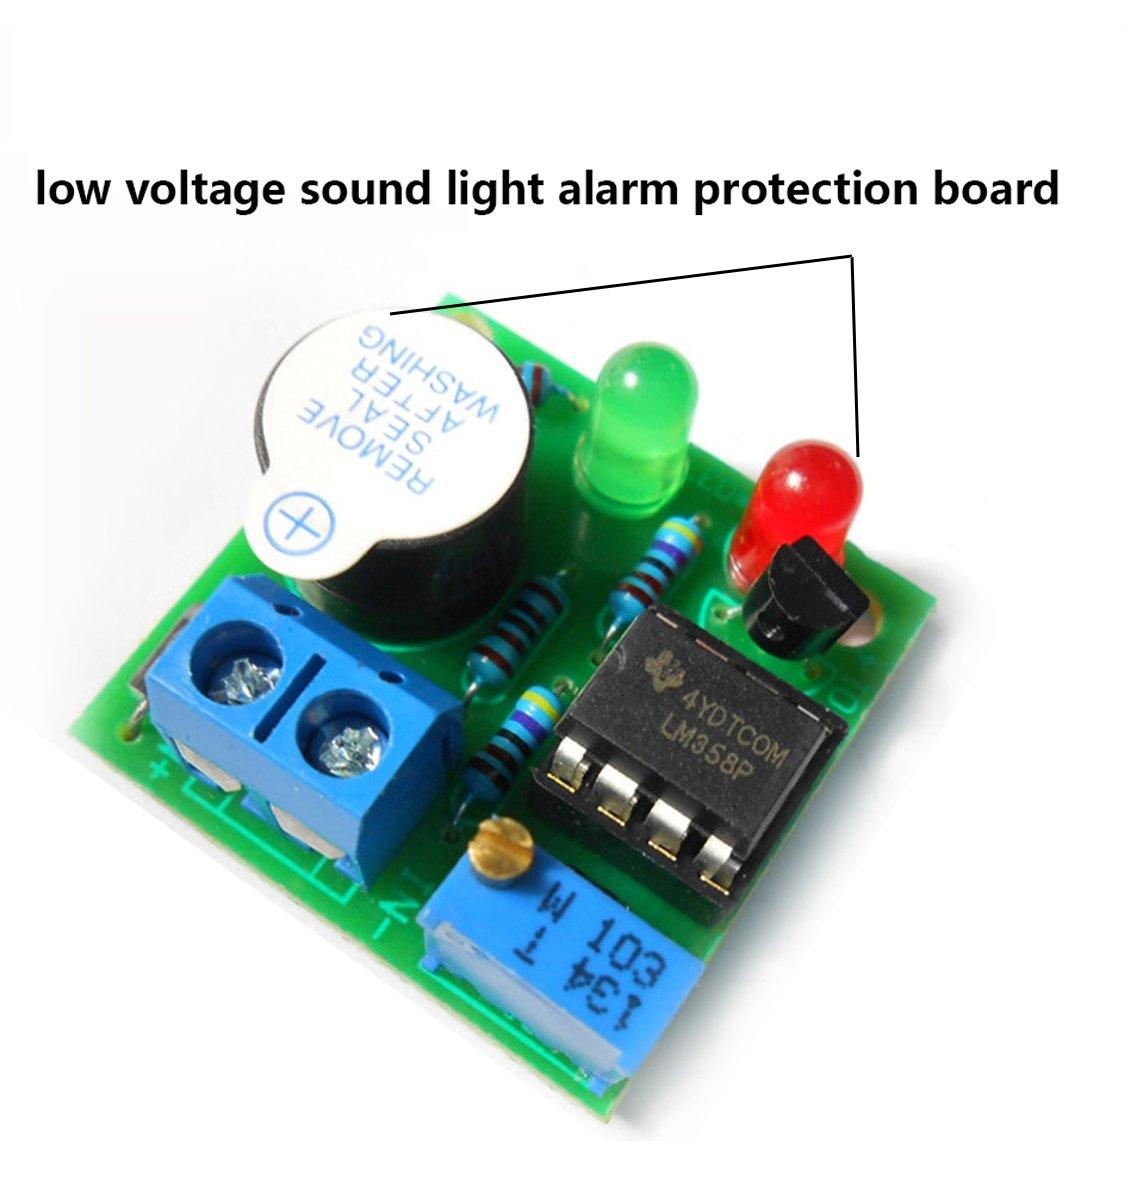 12v Lead Acid Battery Overdischarge Sound Light Alarm Protection Low Voltage Circuit Board Warner